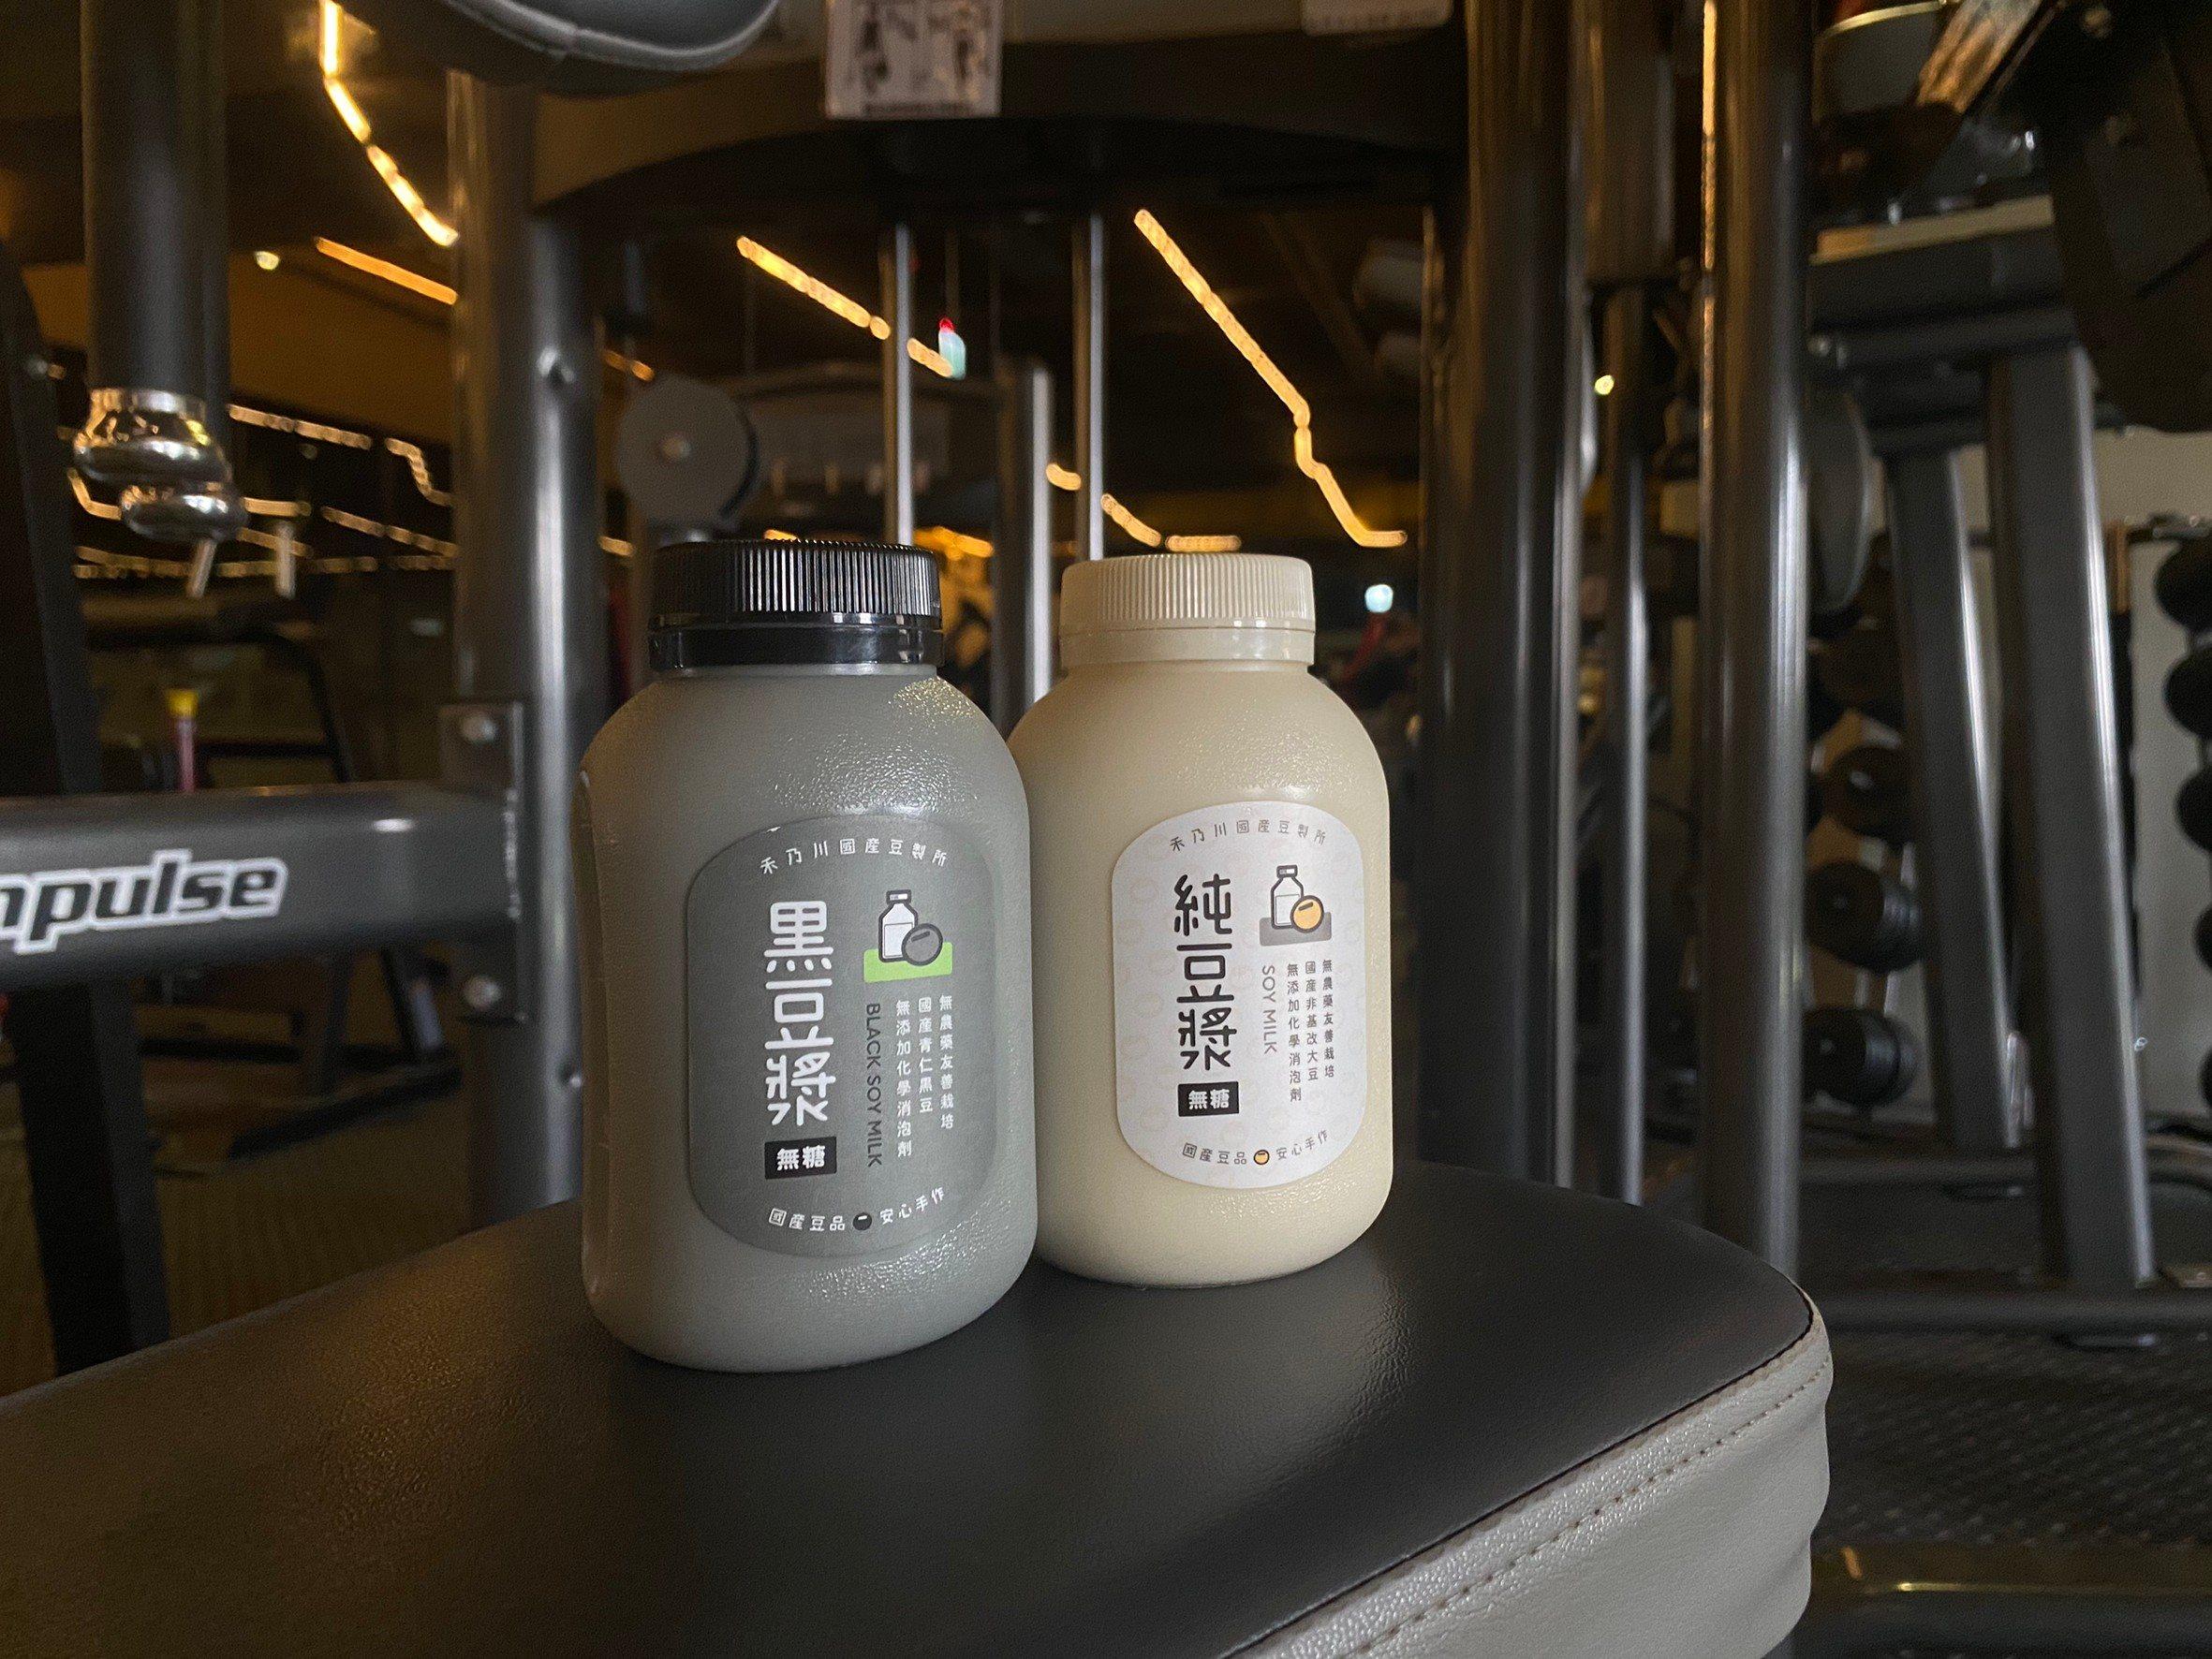 運動健身後需要補充熱量和蛋白質?喝點豆漿吧!